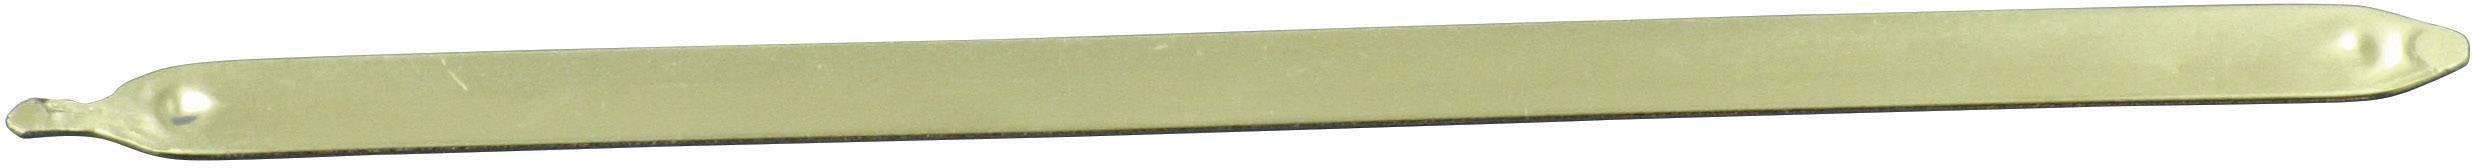 Teplovodná trubka QuickCool QG-SHP-H1.00-B9.05-250MN, zploštělá, 0.5 K/W, (d x š x v) 250 x 9 x 1 mm